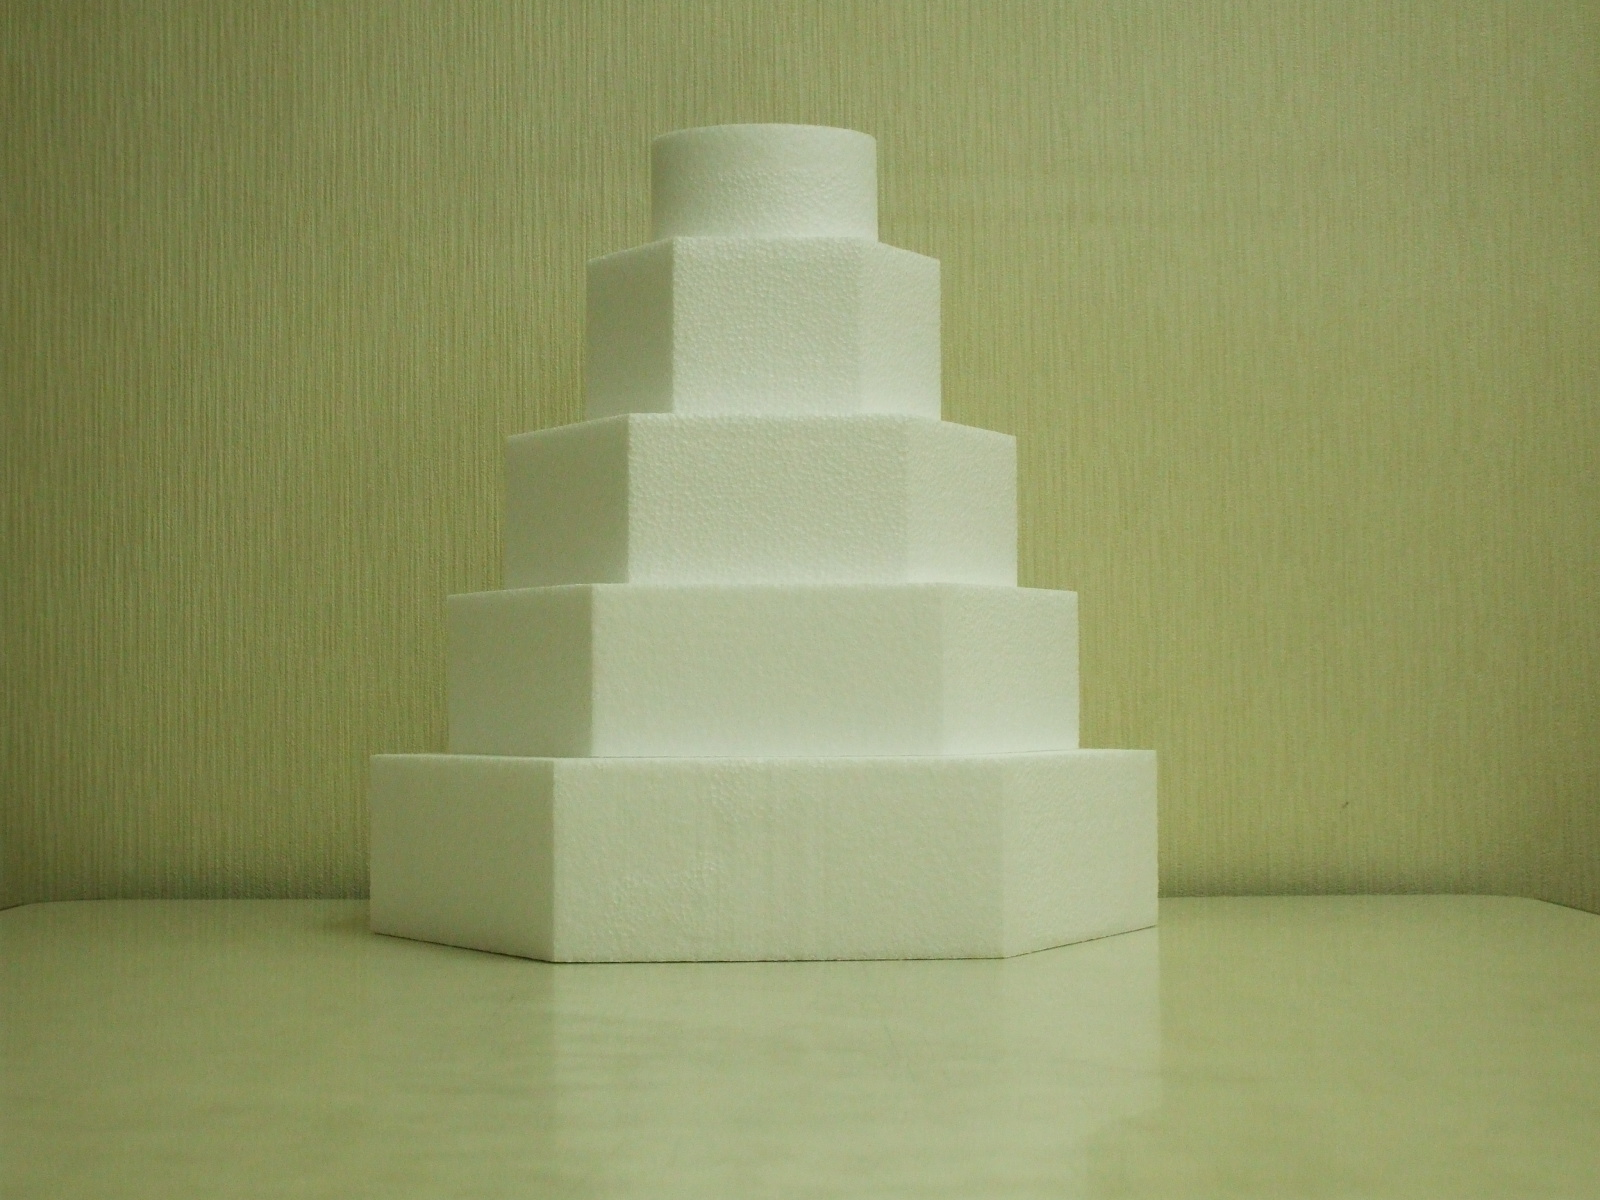 シュガークラフト(ケーキの見本)の芯材として使用している発泡スチロール